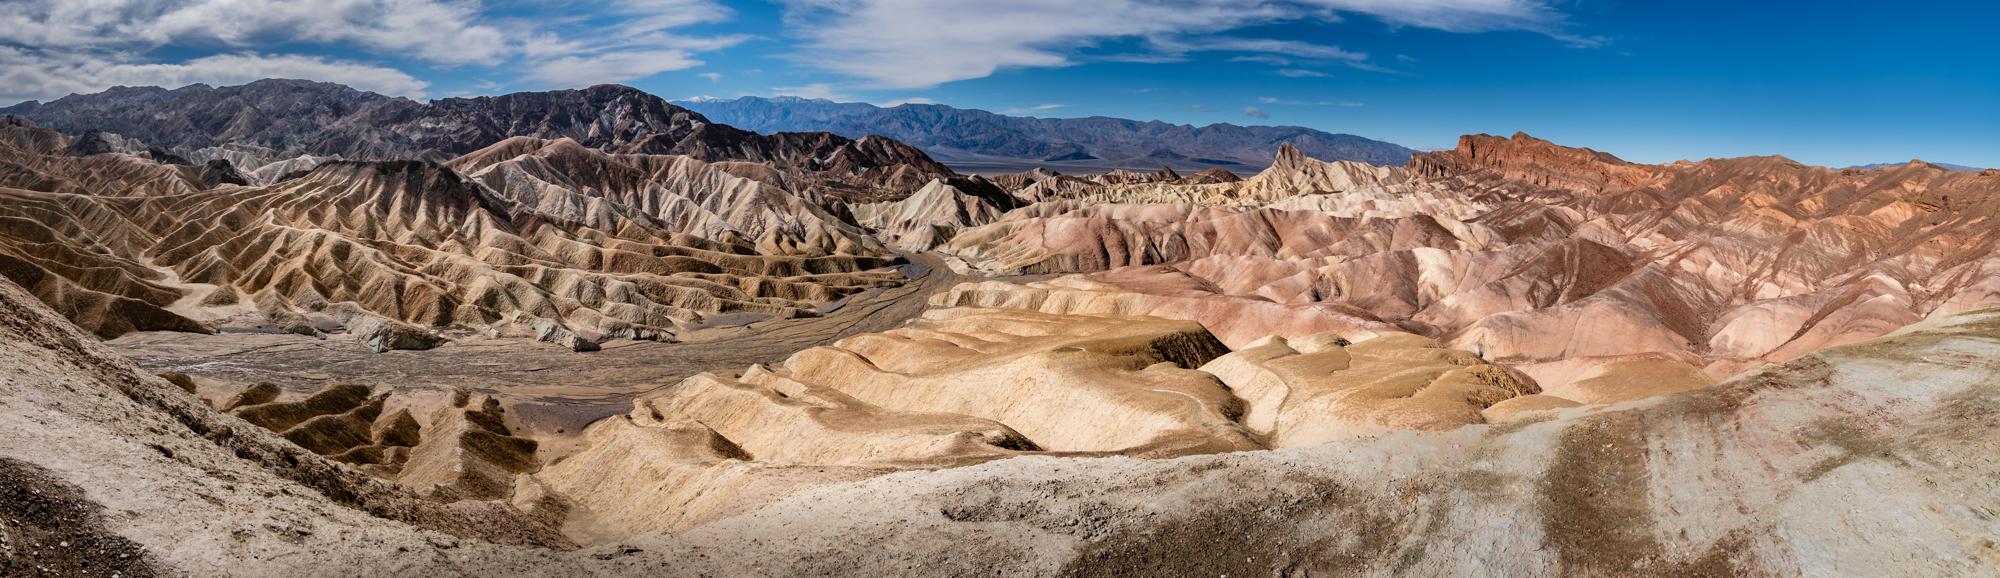 All of It - Zabriskie Point - Death Valley